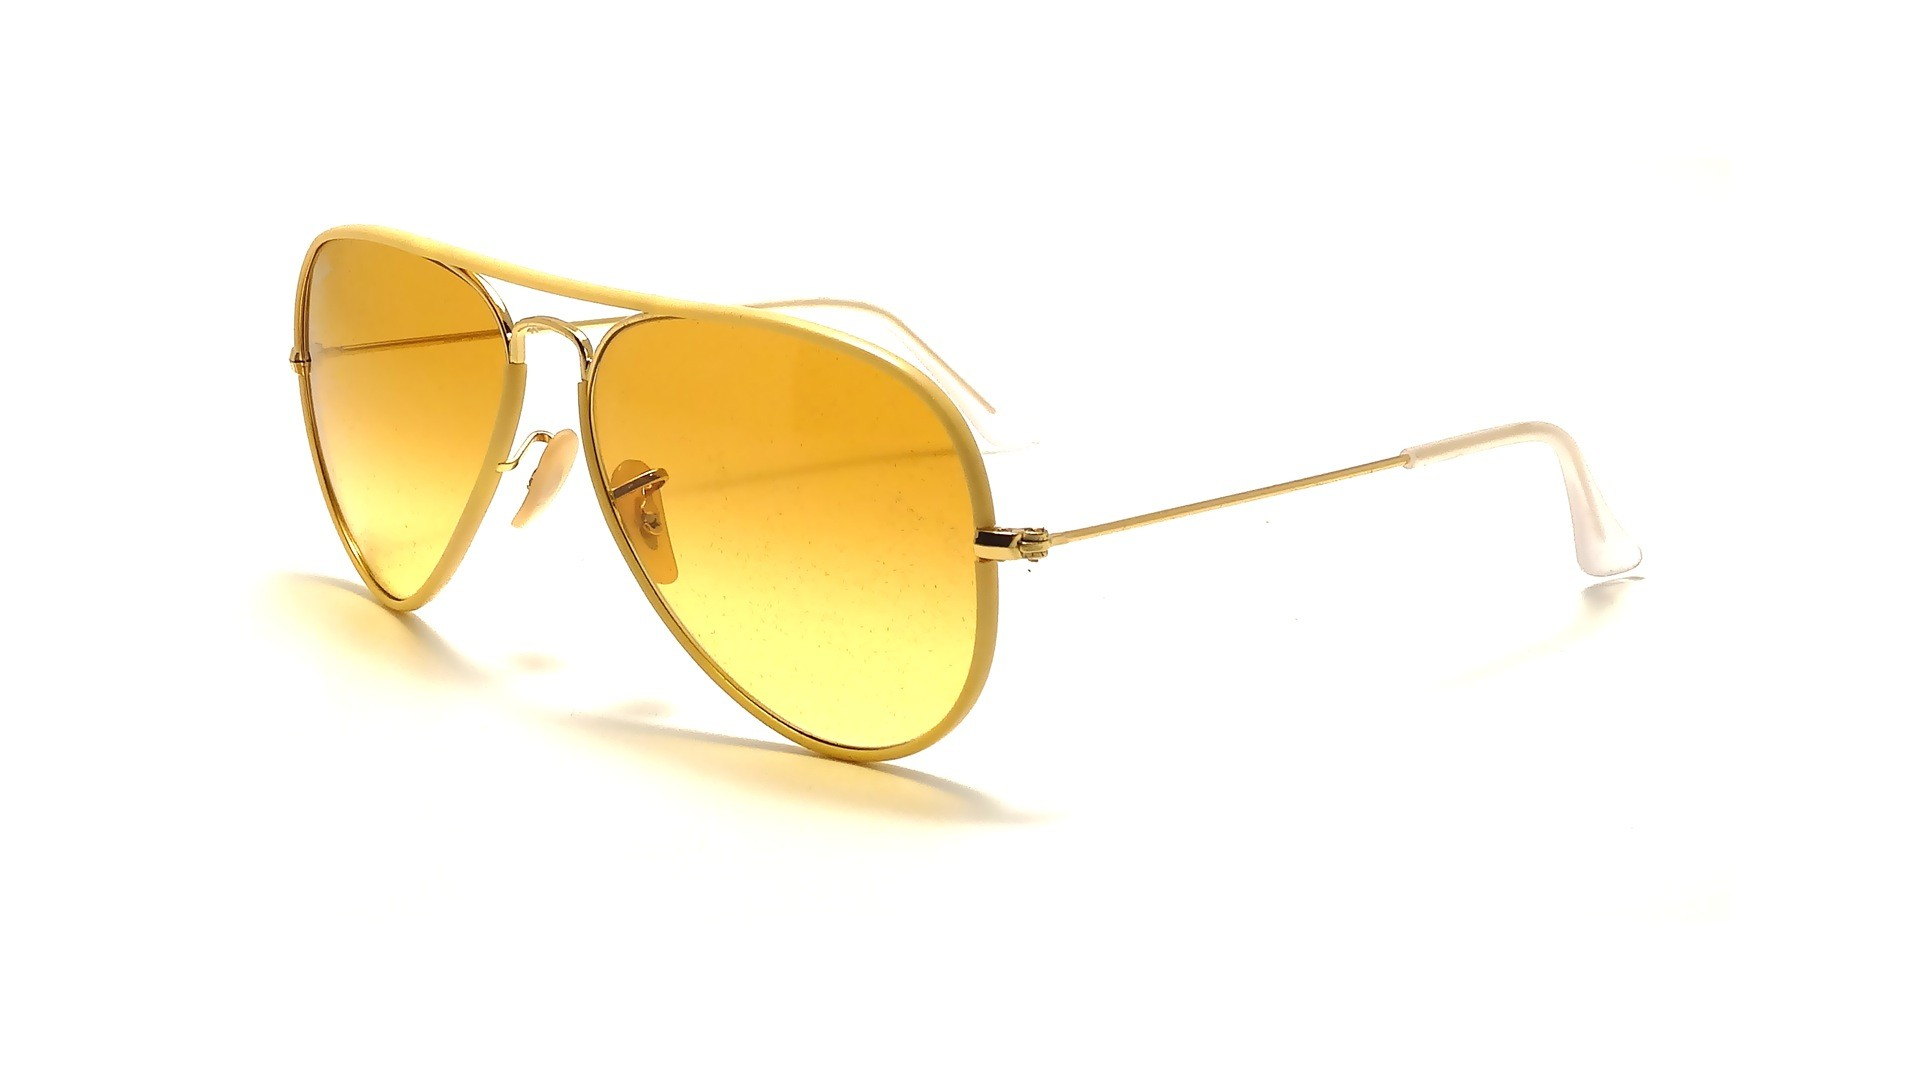 Ray Ban Yellow Aviators